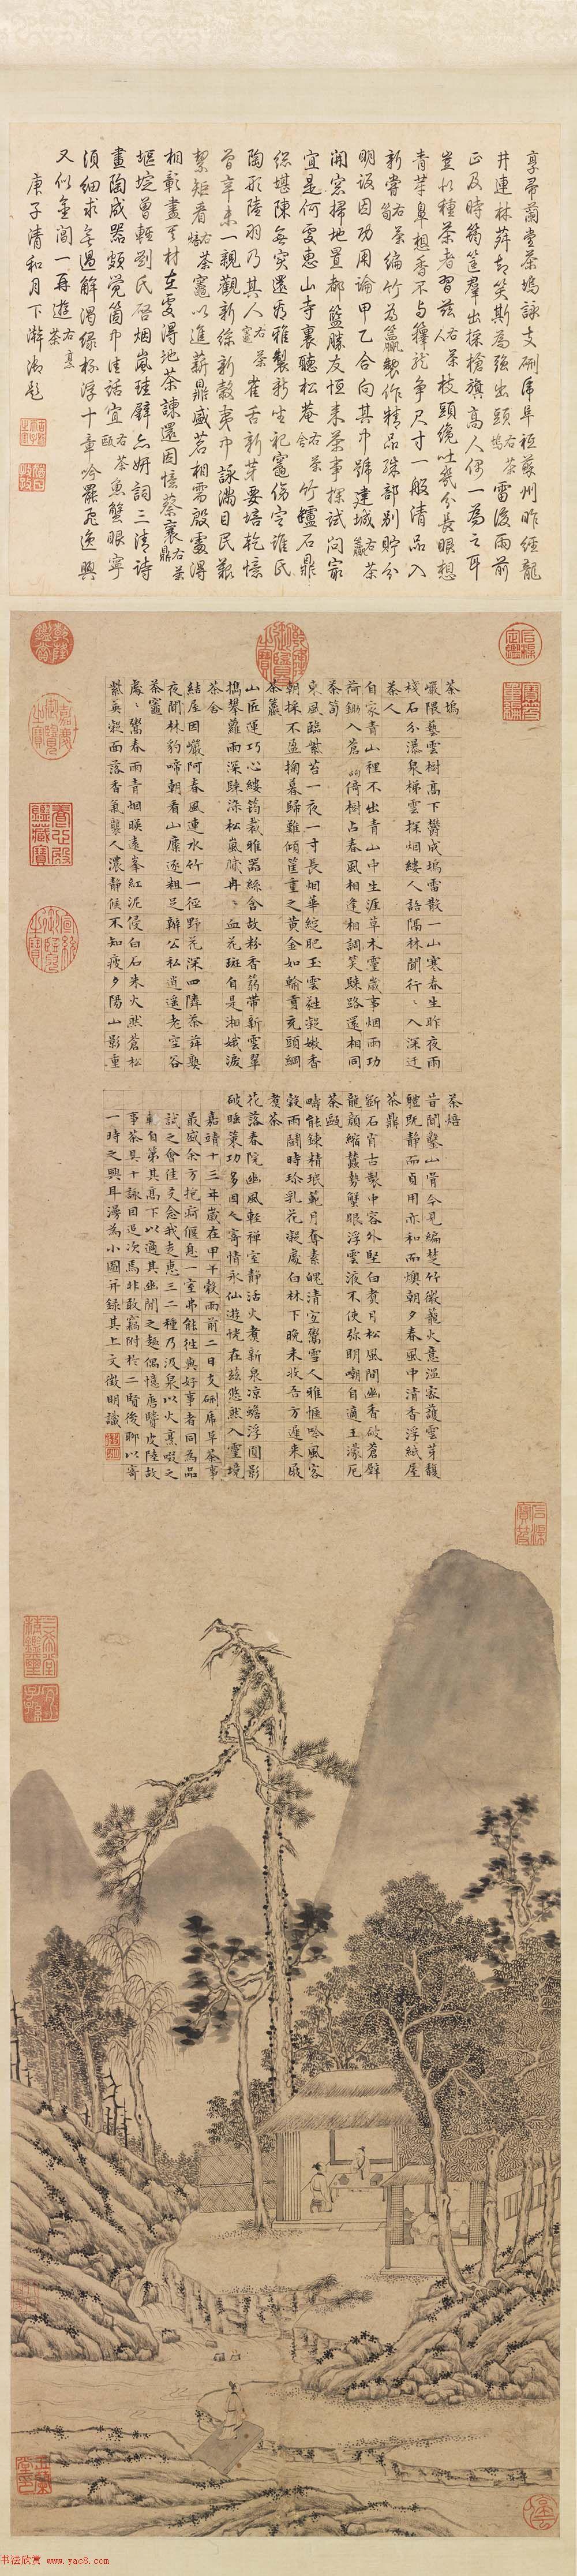 文徵明小楷字画欣赏《茶事图》